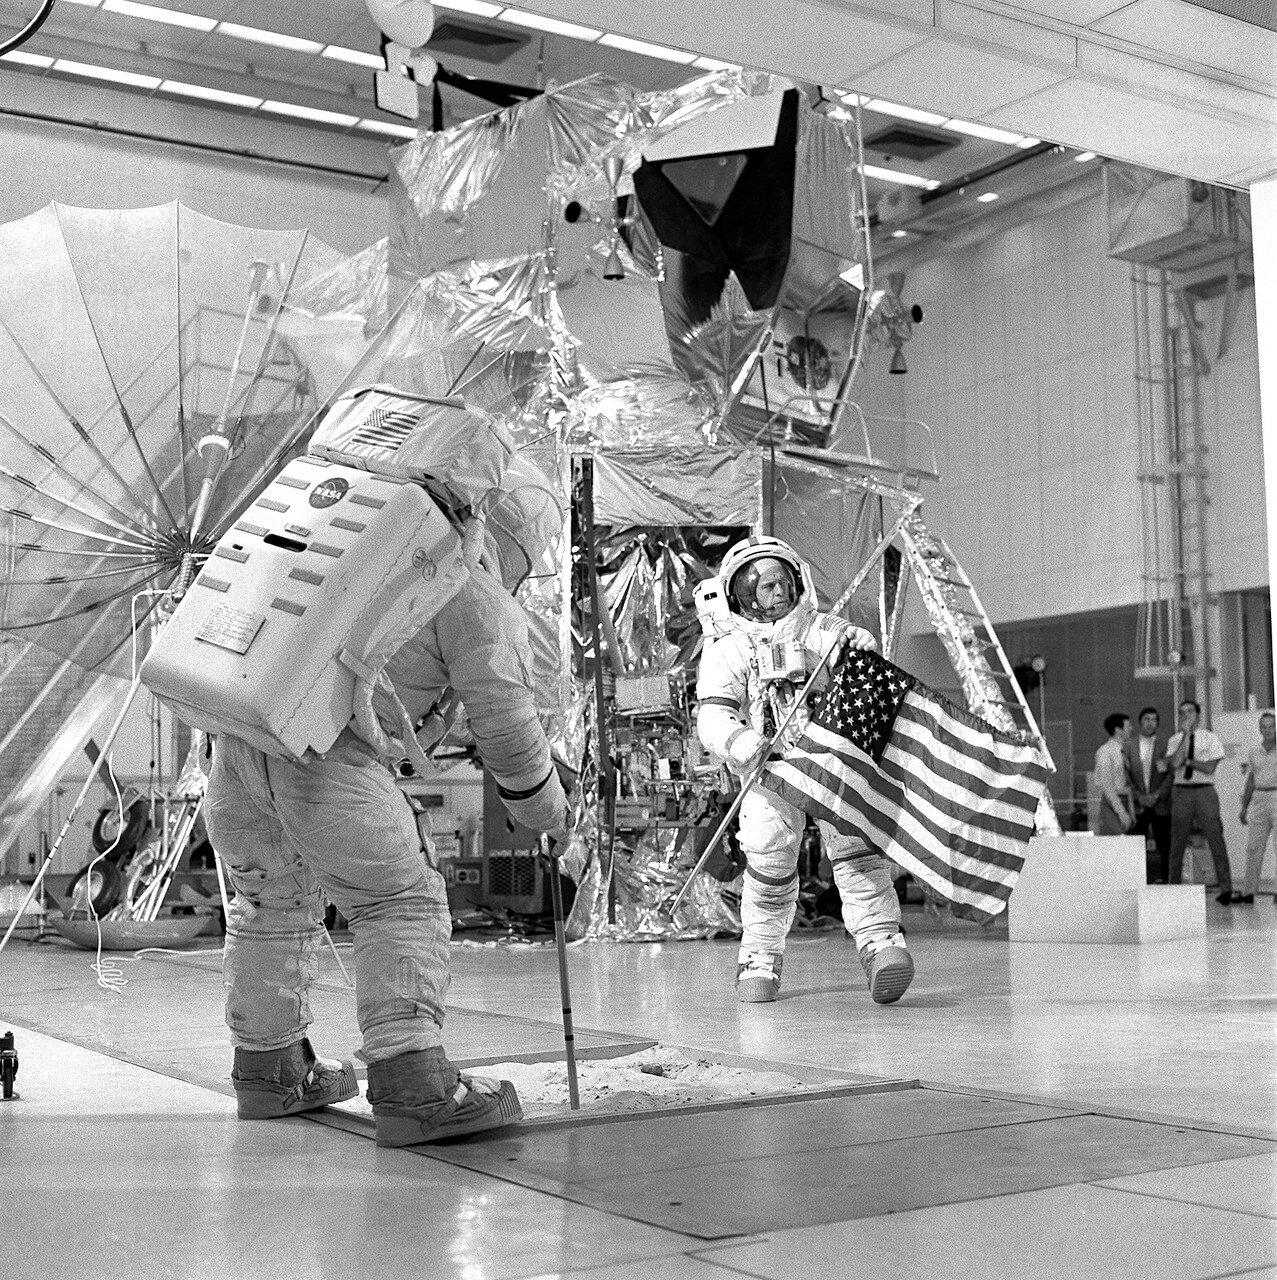 Цель полёта — высадка на Луне с проведением исследований по более широкой программе, чем при полёте корабля «Аполлон-12». На снимке: Тренировка экипажа Аполлона 14